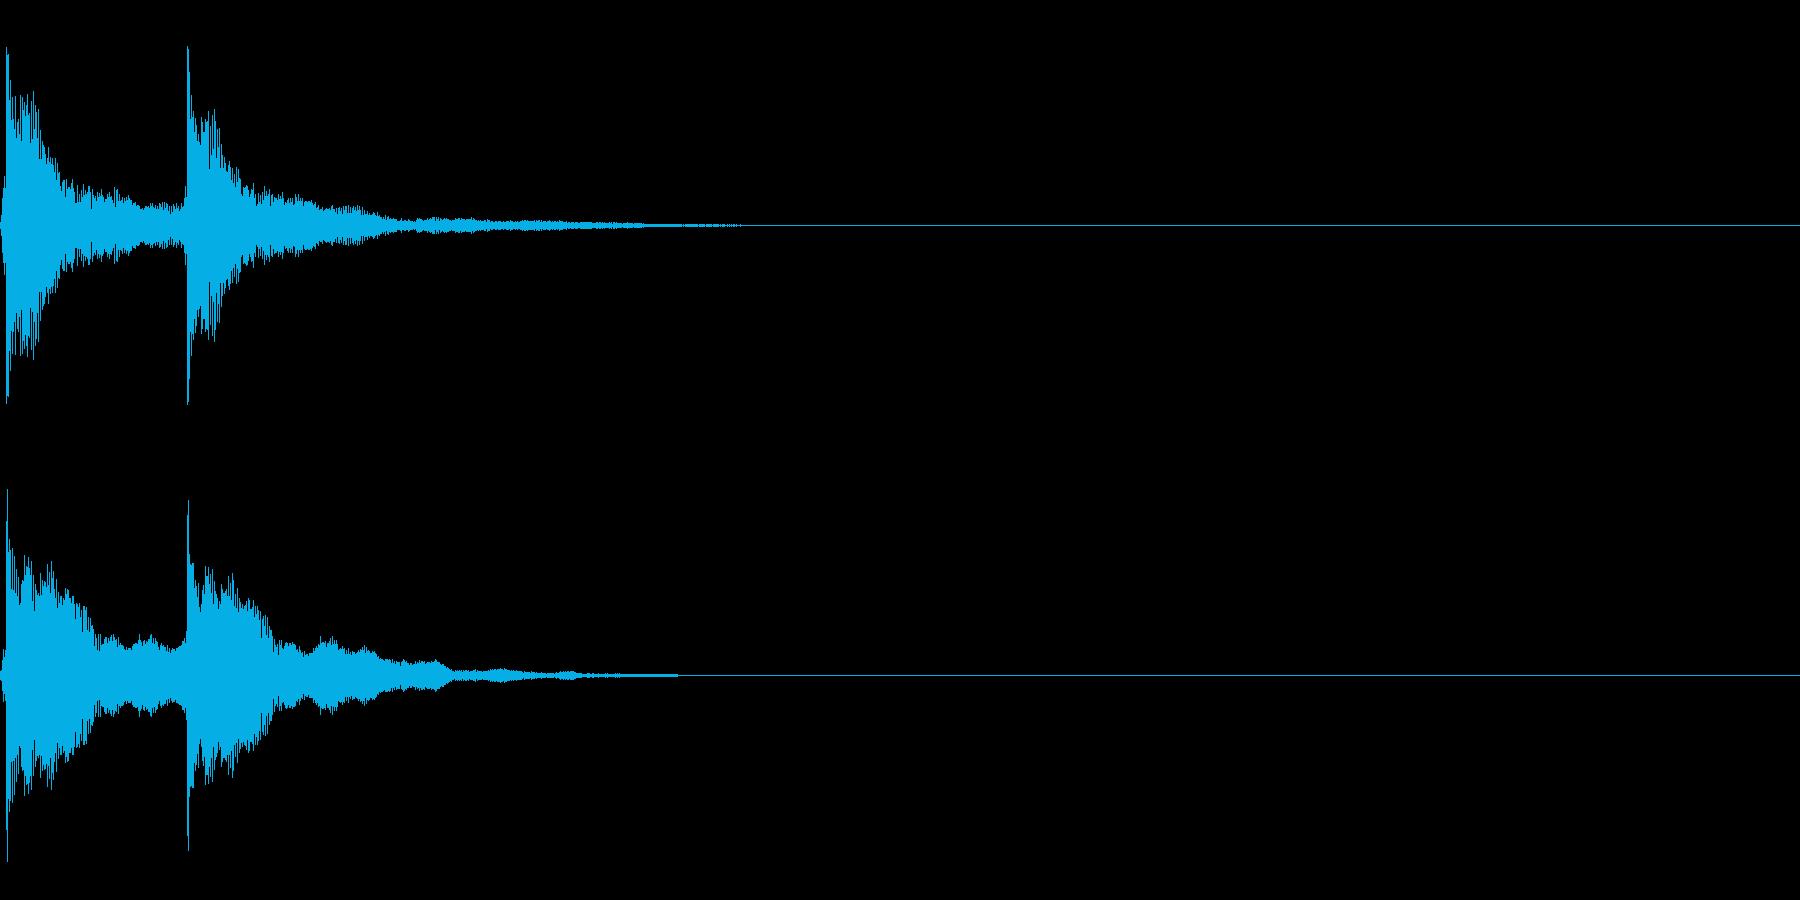 三味線/和風/システム音/B-4の再生済みの波形